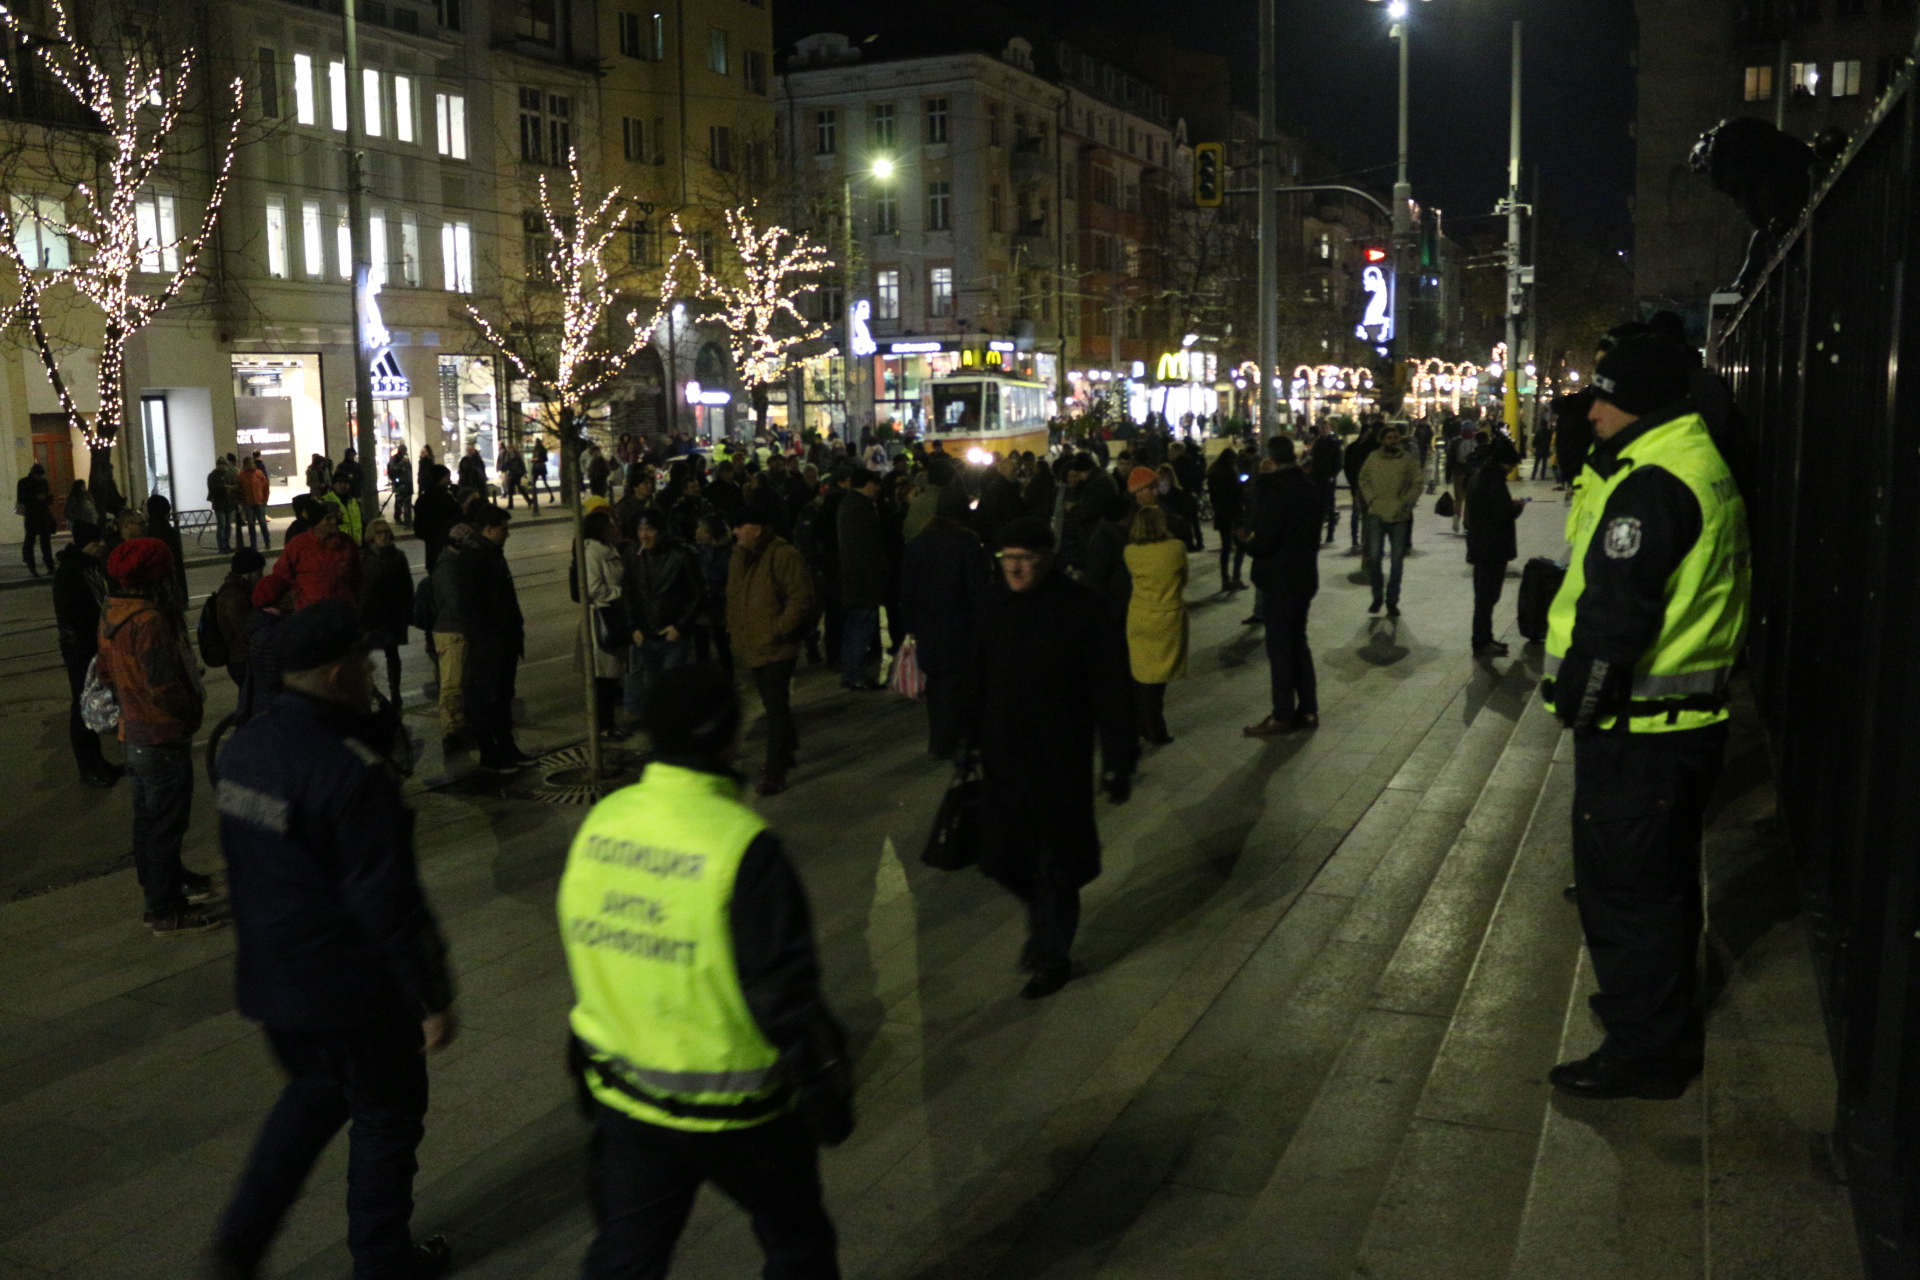 Протестът протича спокойно. В района има засилено полицейско присъствие.